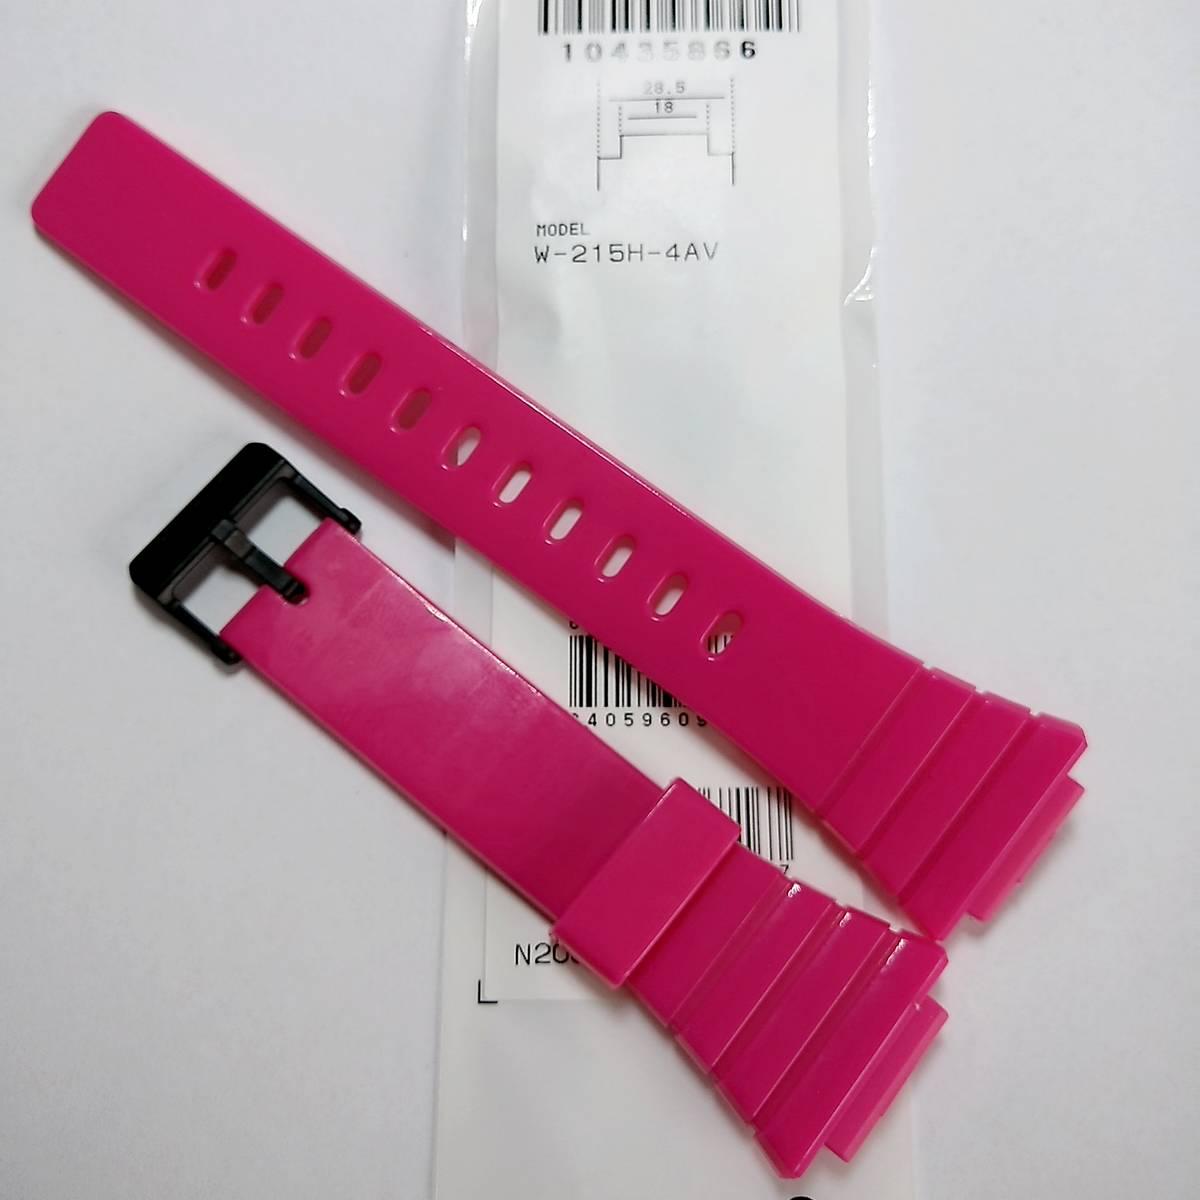 Pulseira Casio W-215H-4AV Cor de Rosa 100% Original   - E-Presentes